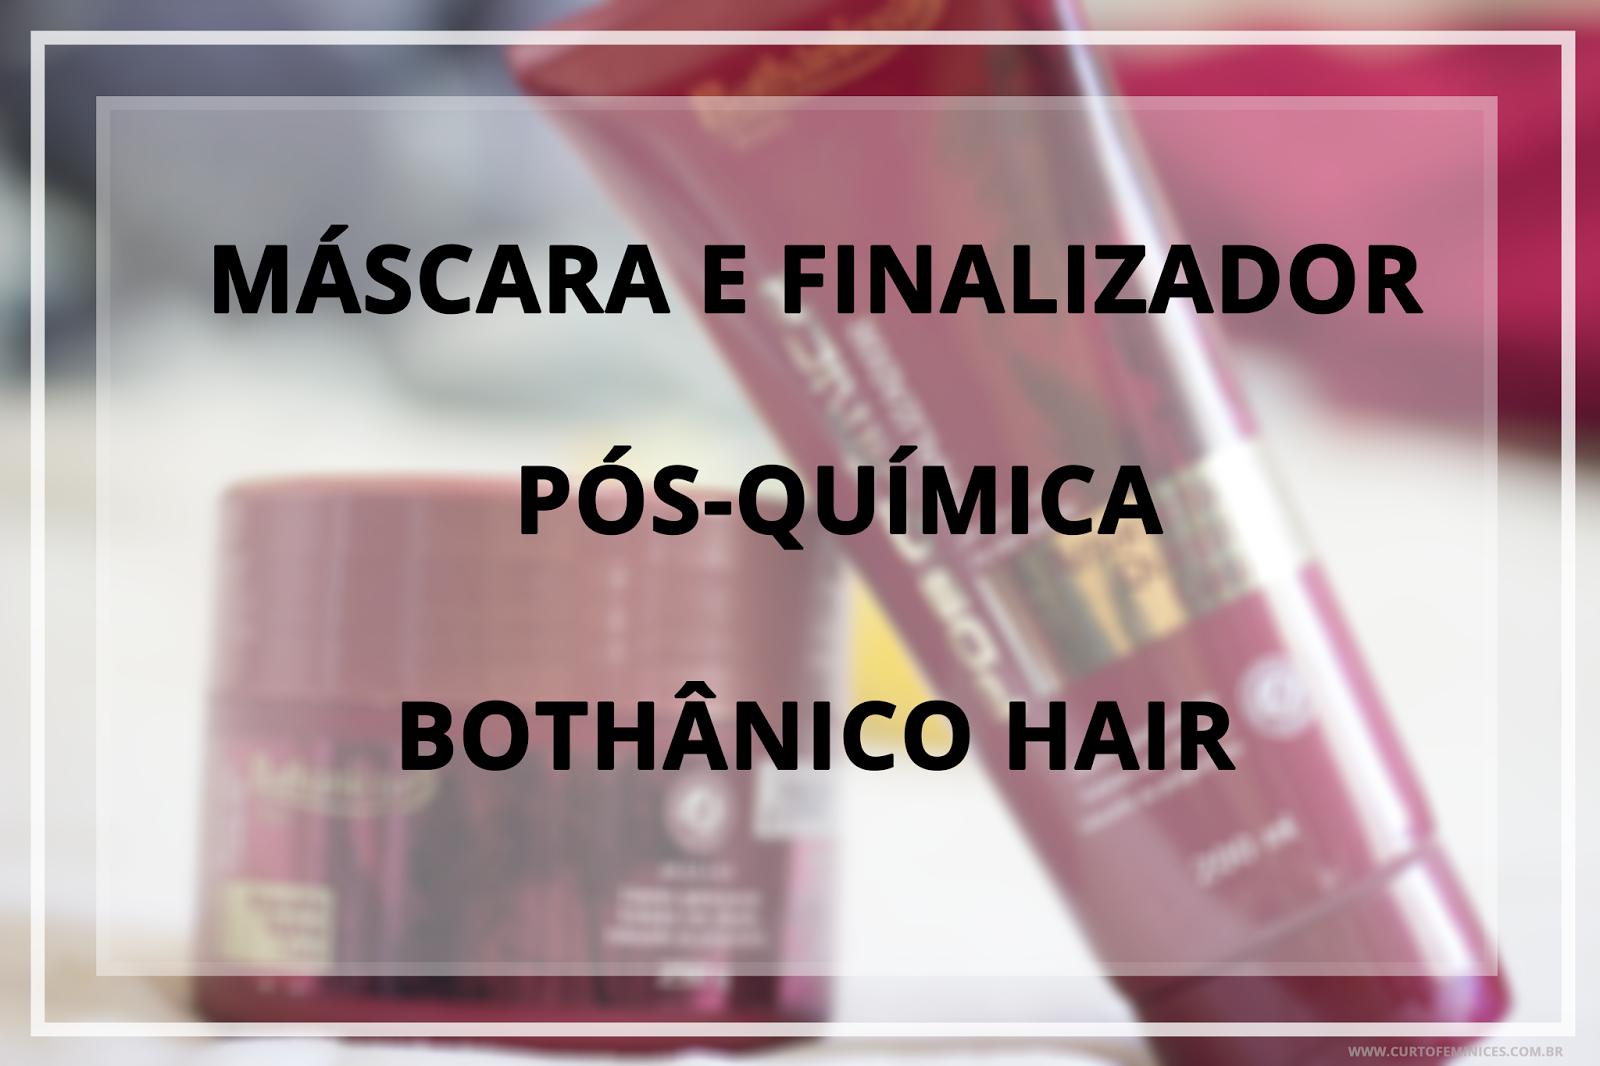 Máscara e Finalizador Pós-Química - Bothânico Hair